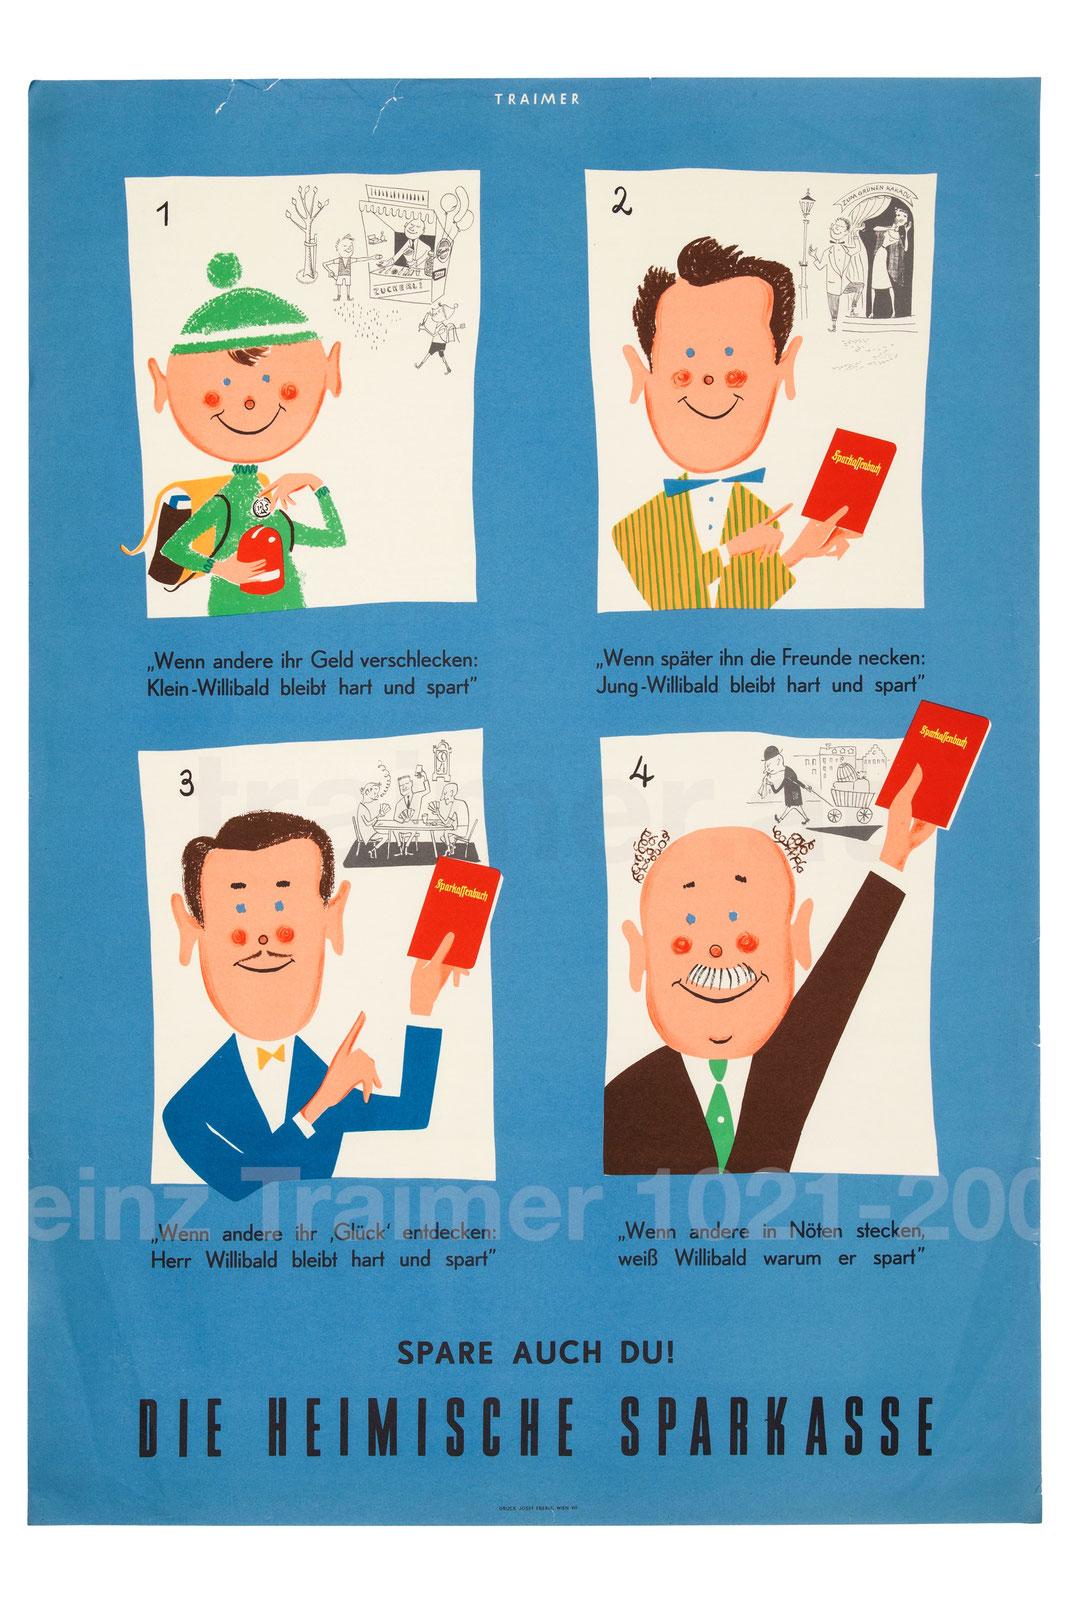 Sparkassenwerbung 1950er Jahre. Plakat für die Sparkasse von Traimer. Sparwerbung